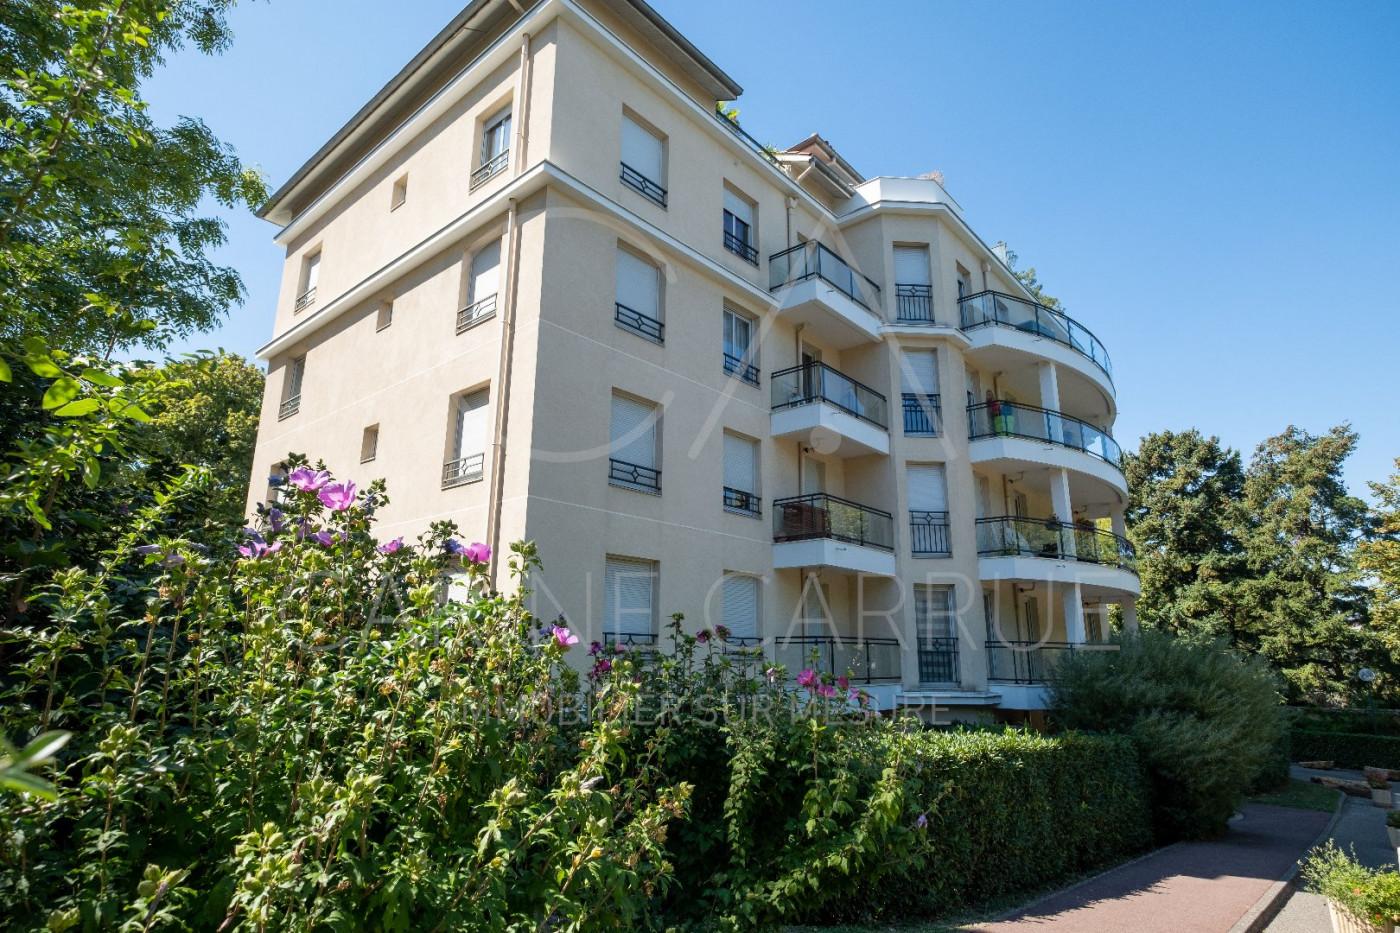 A vendre  Lyon 5eme Arrondissement   Réf 6902453 - Carrue immobilier